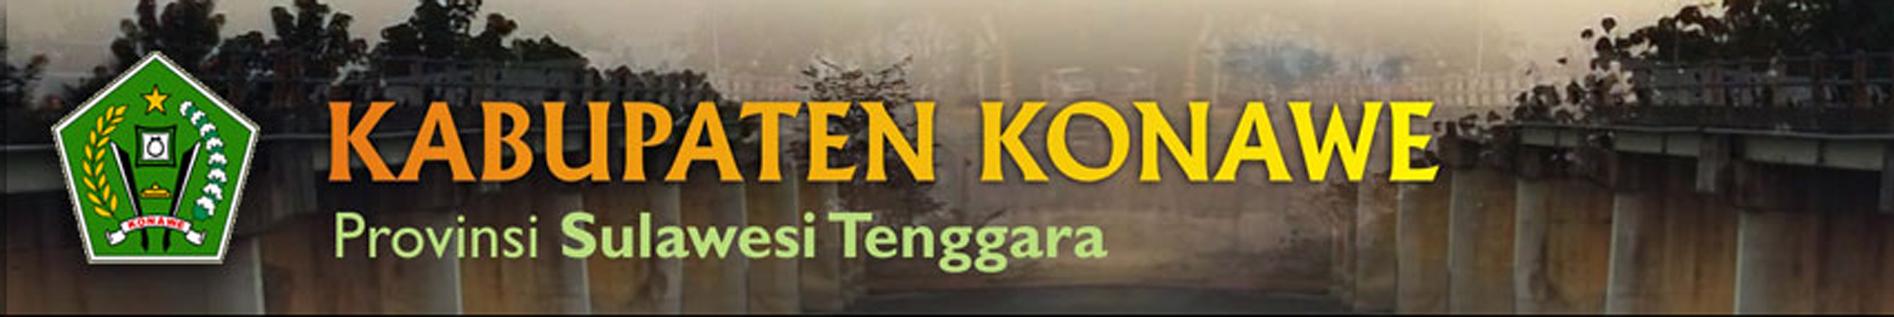 http://www.konawekab.go.id/